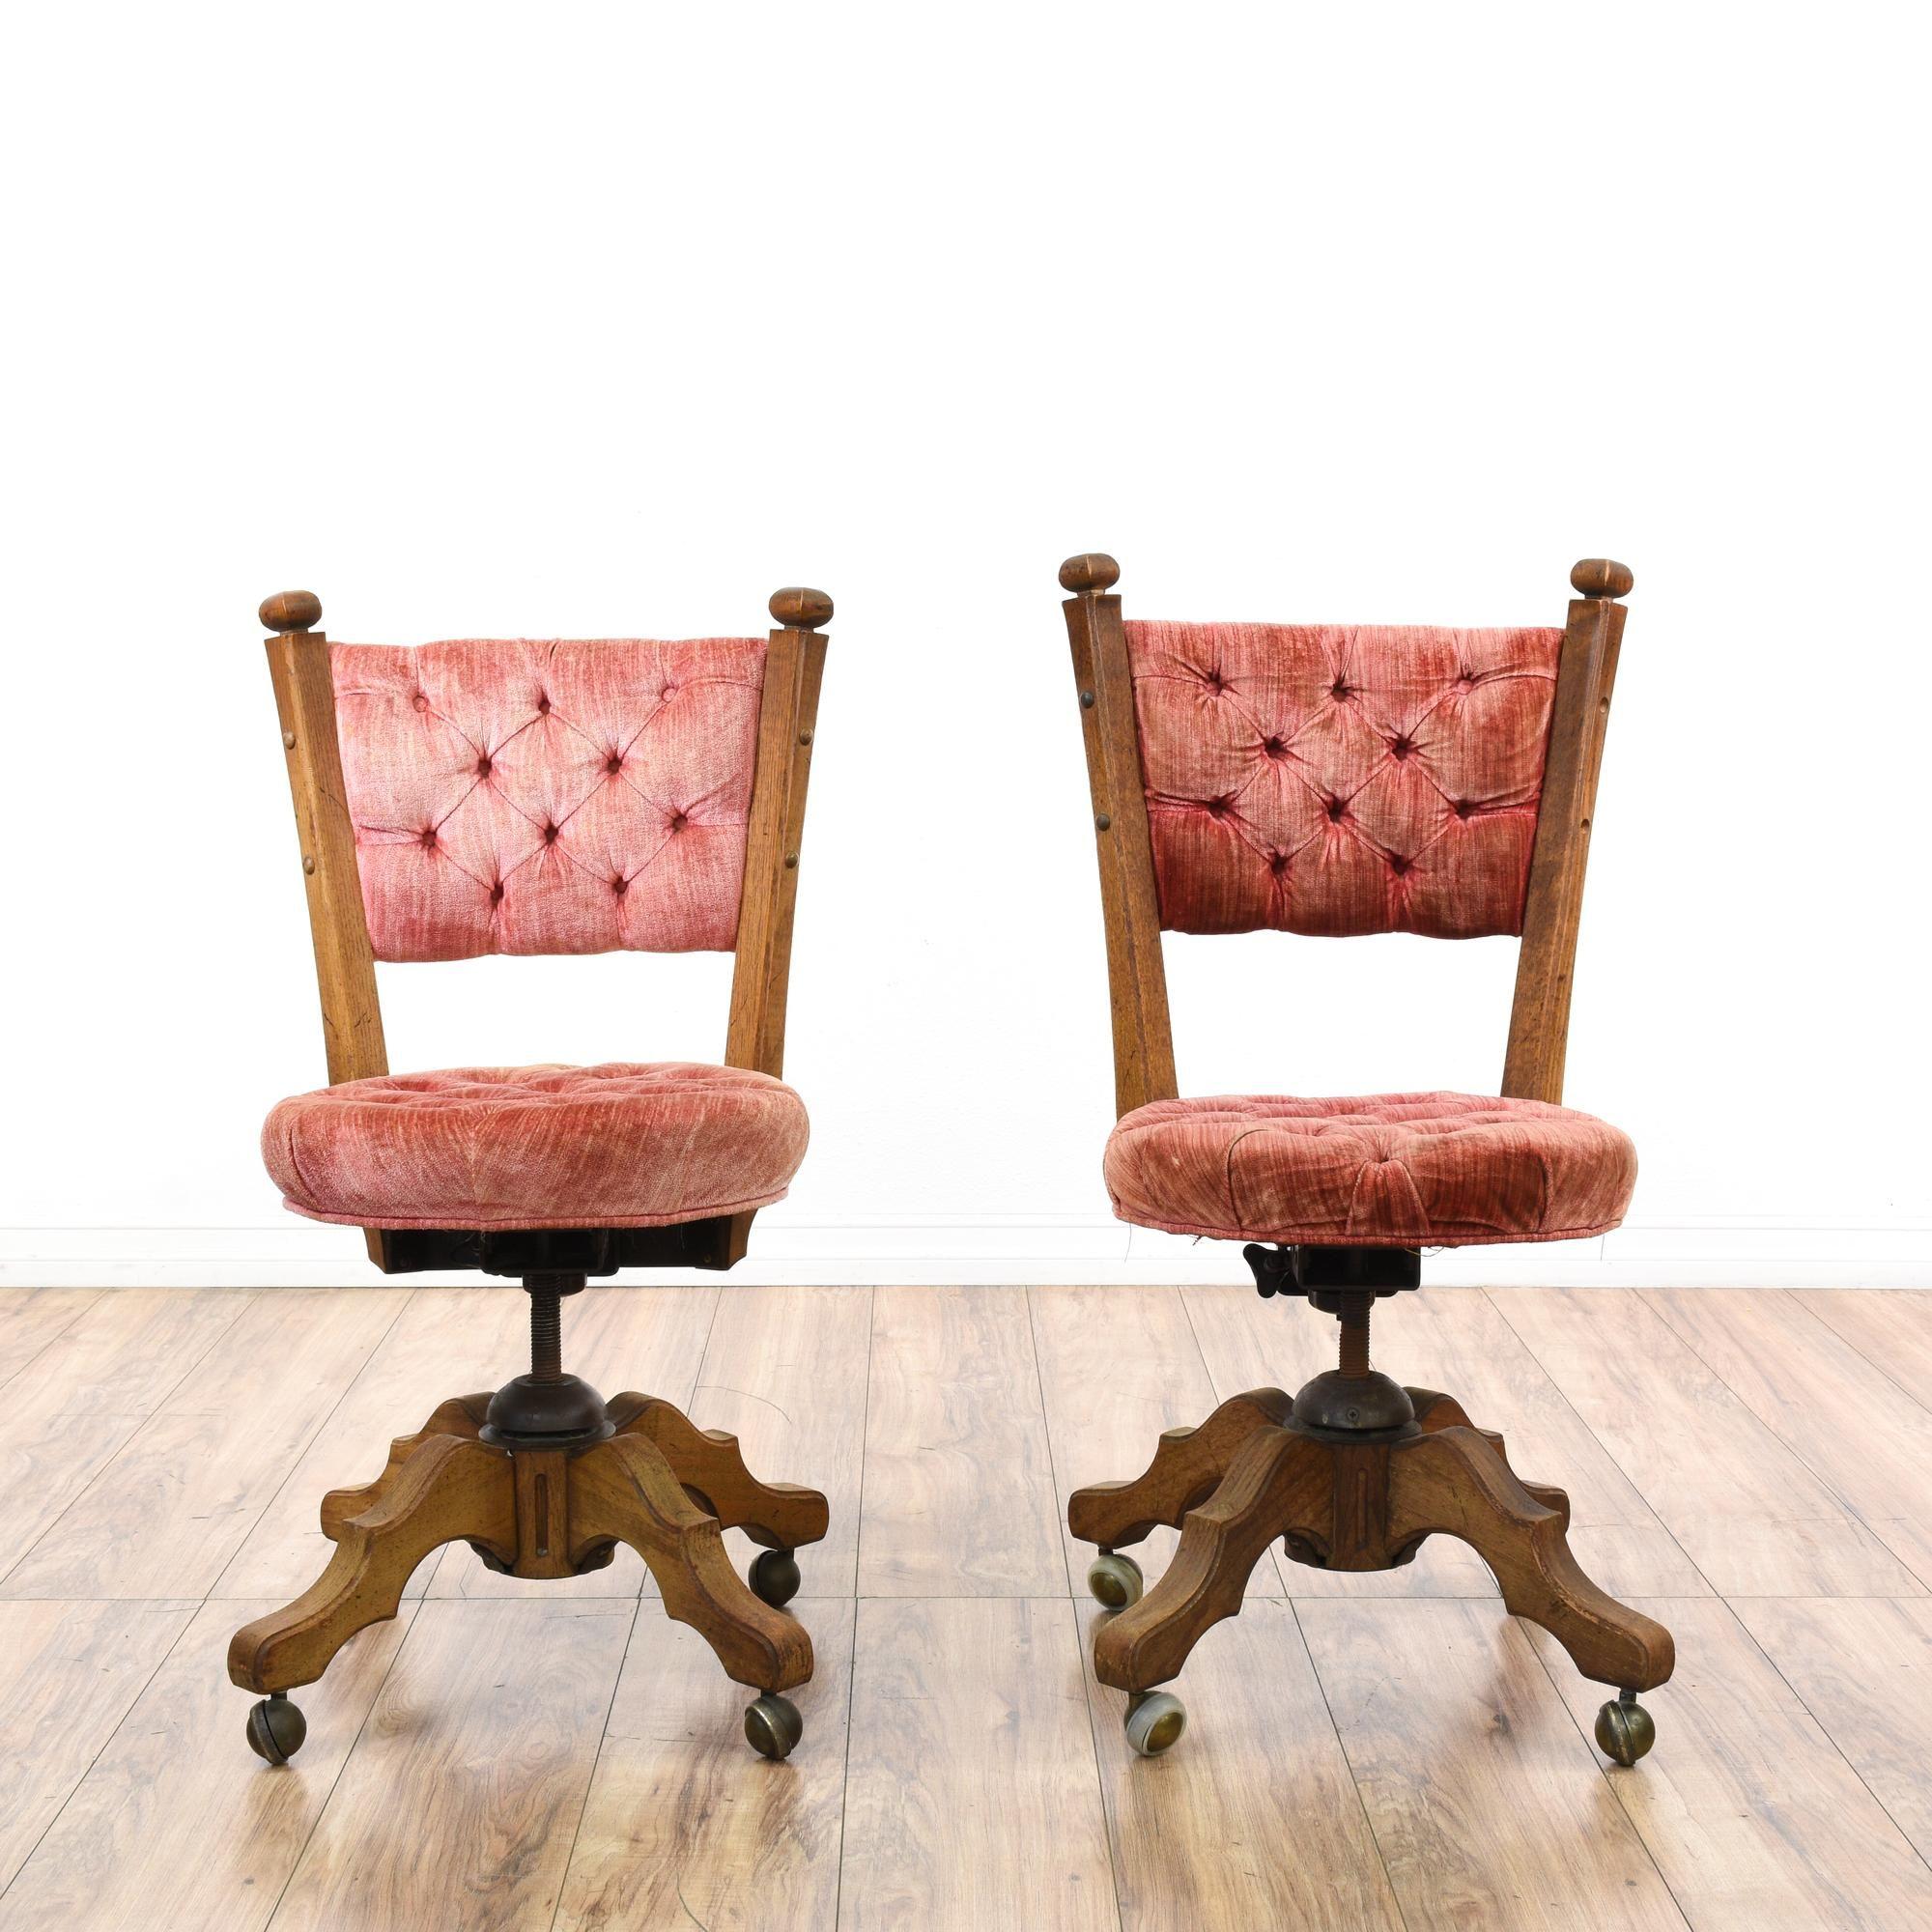 pair of pink velvet tufted wood swivel chairs | pink velvet